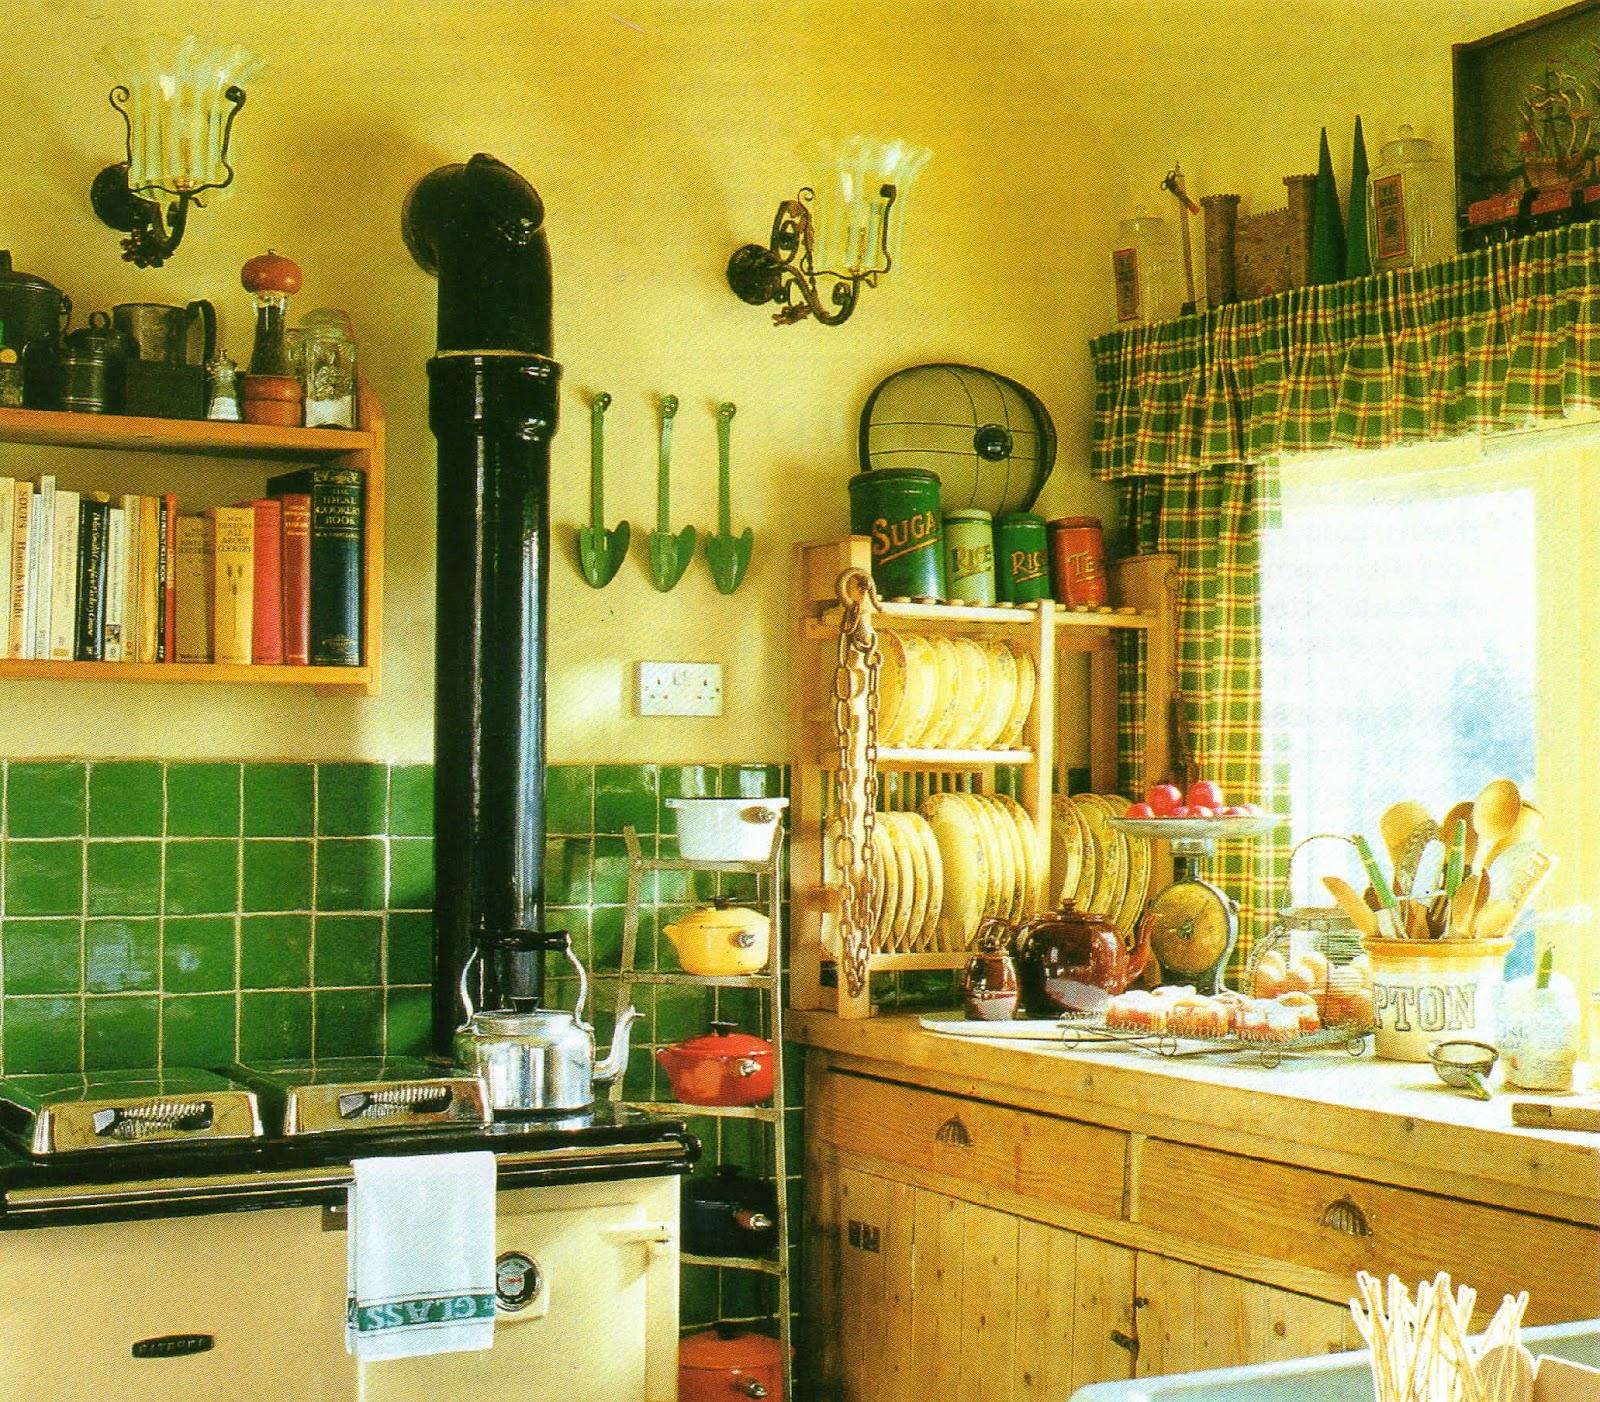 Detalles con encanto las cocinas de las casas rurales for Decoracion de casas rurales con encanto